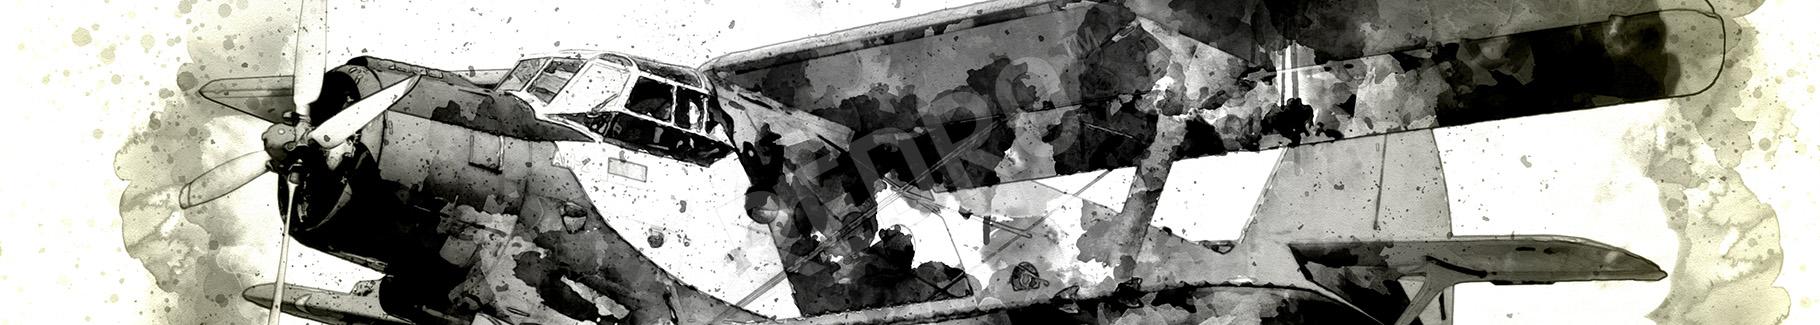 Czarno-biały obraz z samolotem